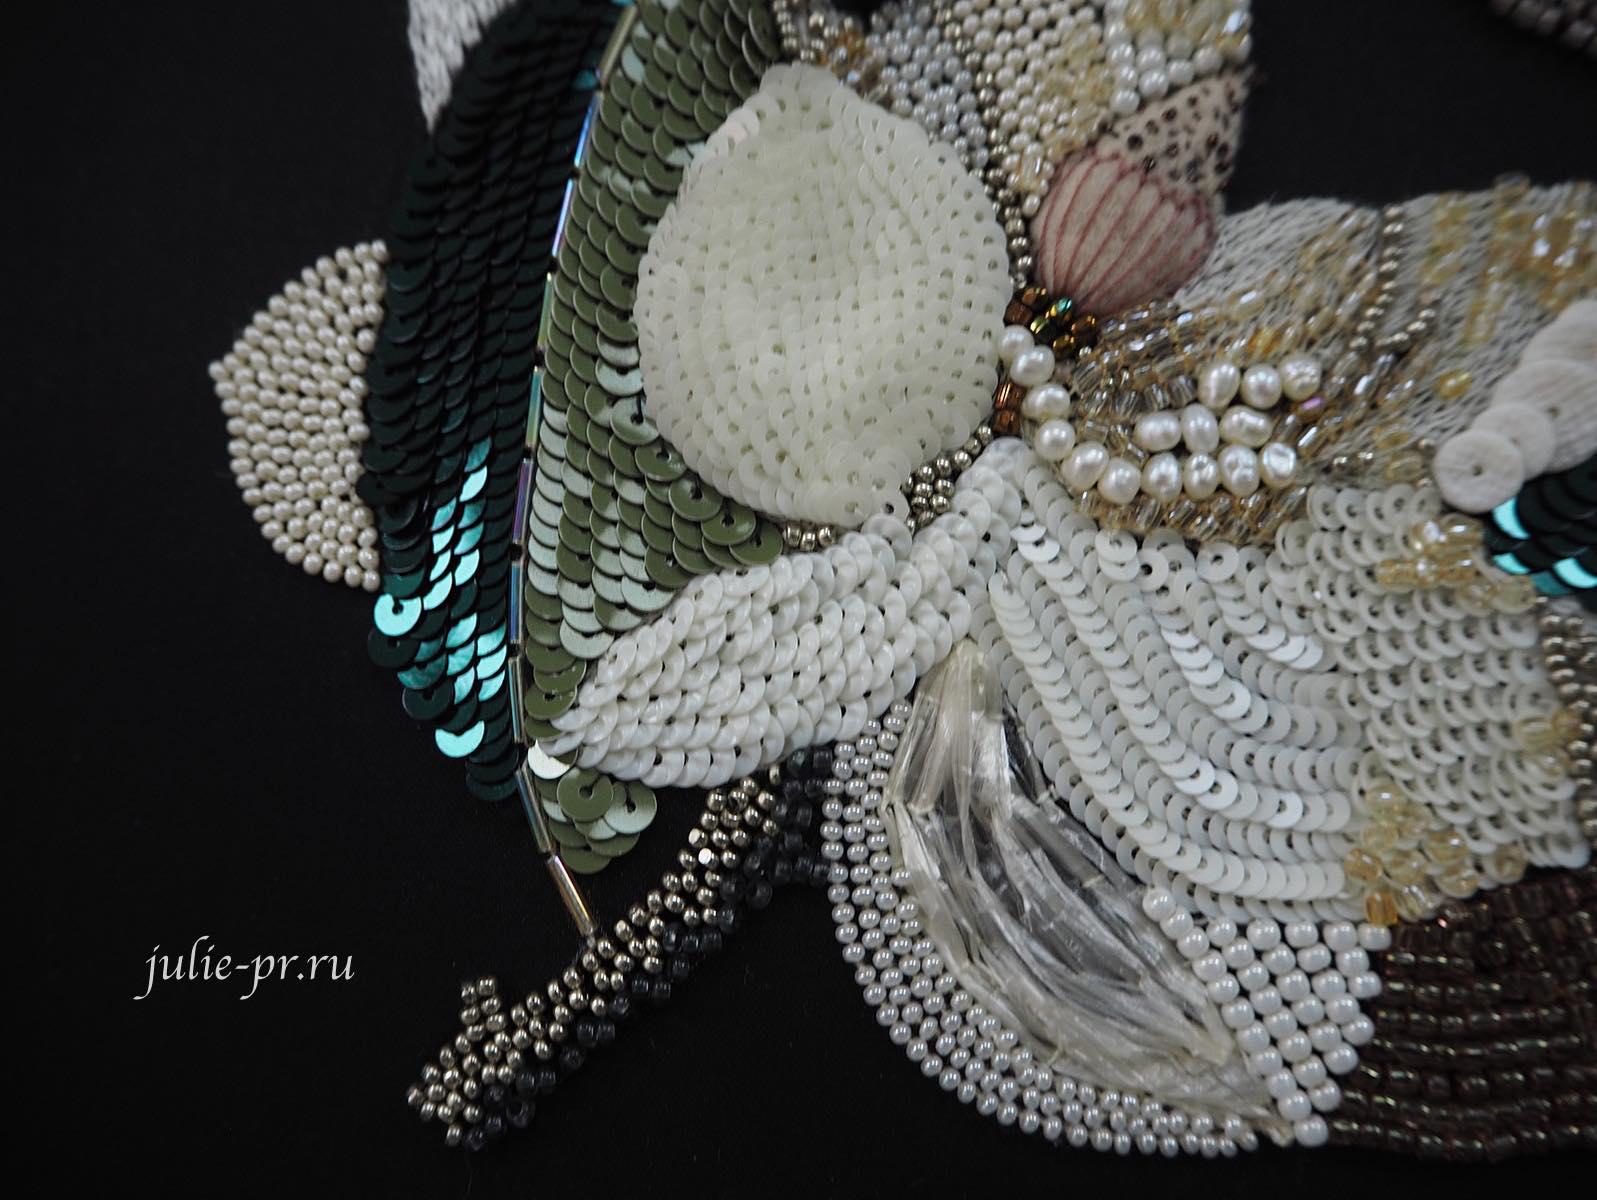 магнолия, Катерина Мороз, кутюрная вышивка, вышивка пайетками, вышивка люневильским крючком